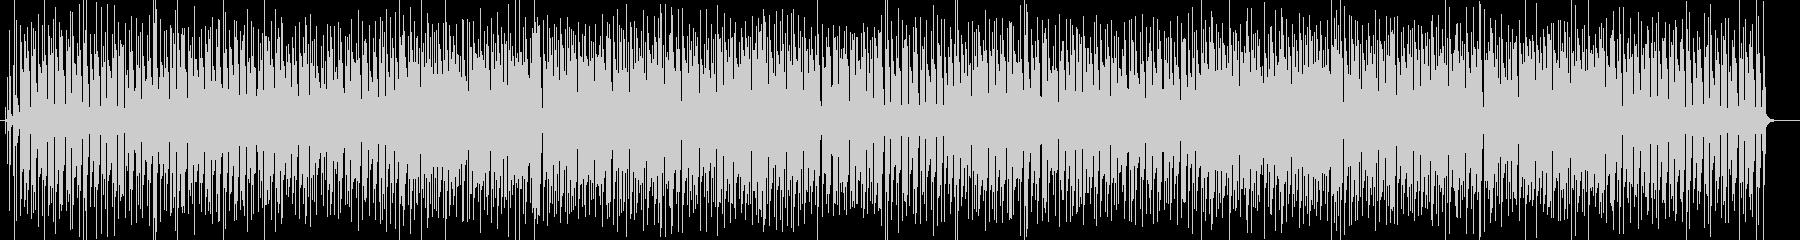 明るくポップなシンセサイザーサウンドの未再生の波形